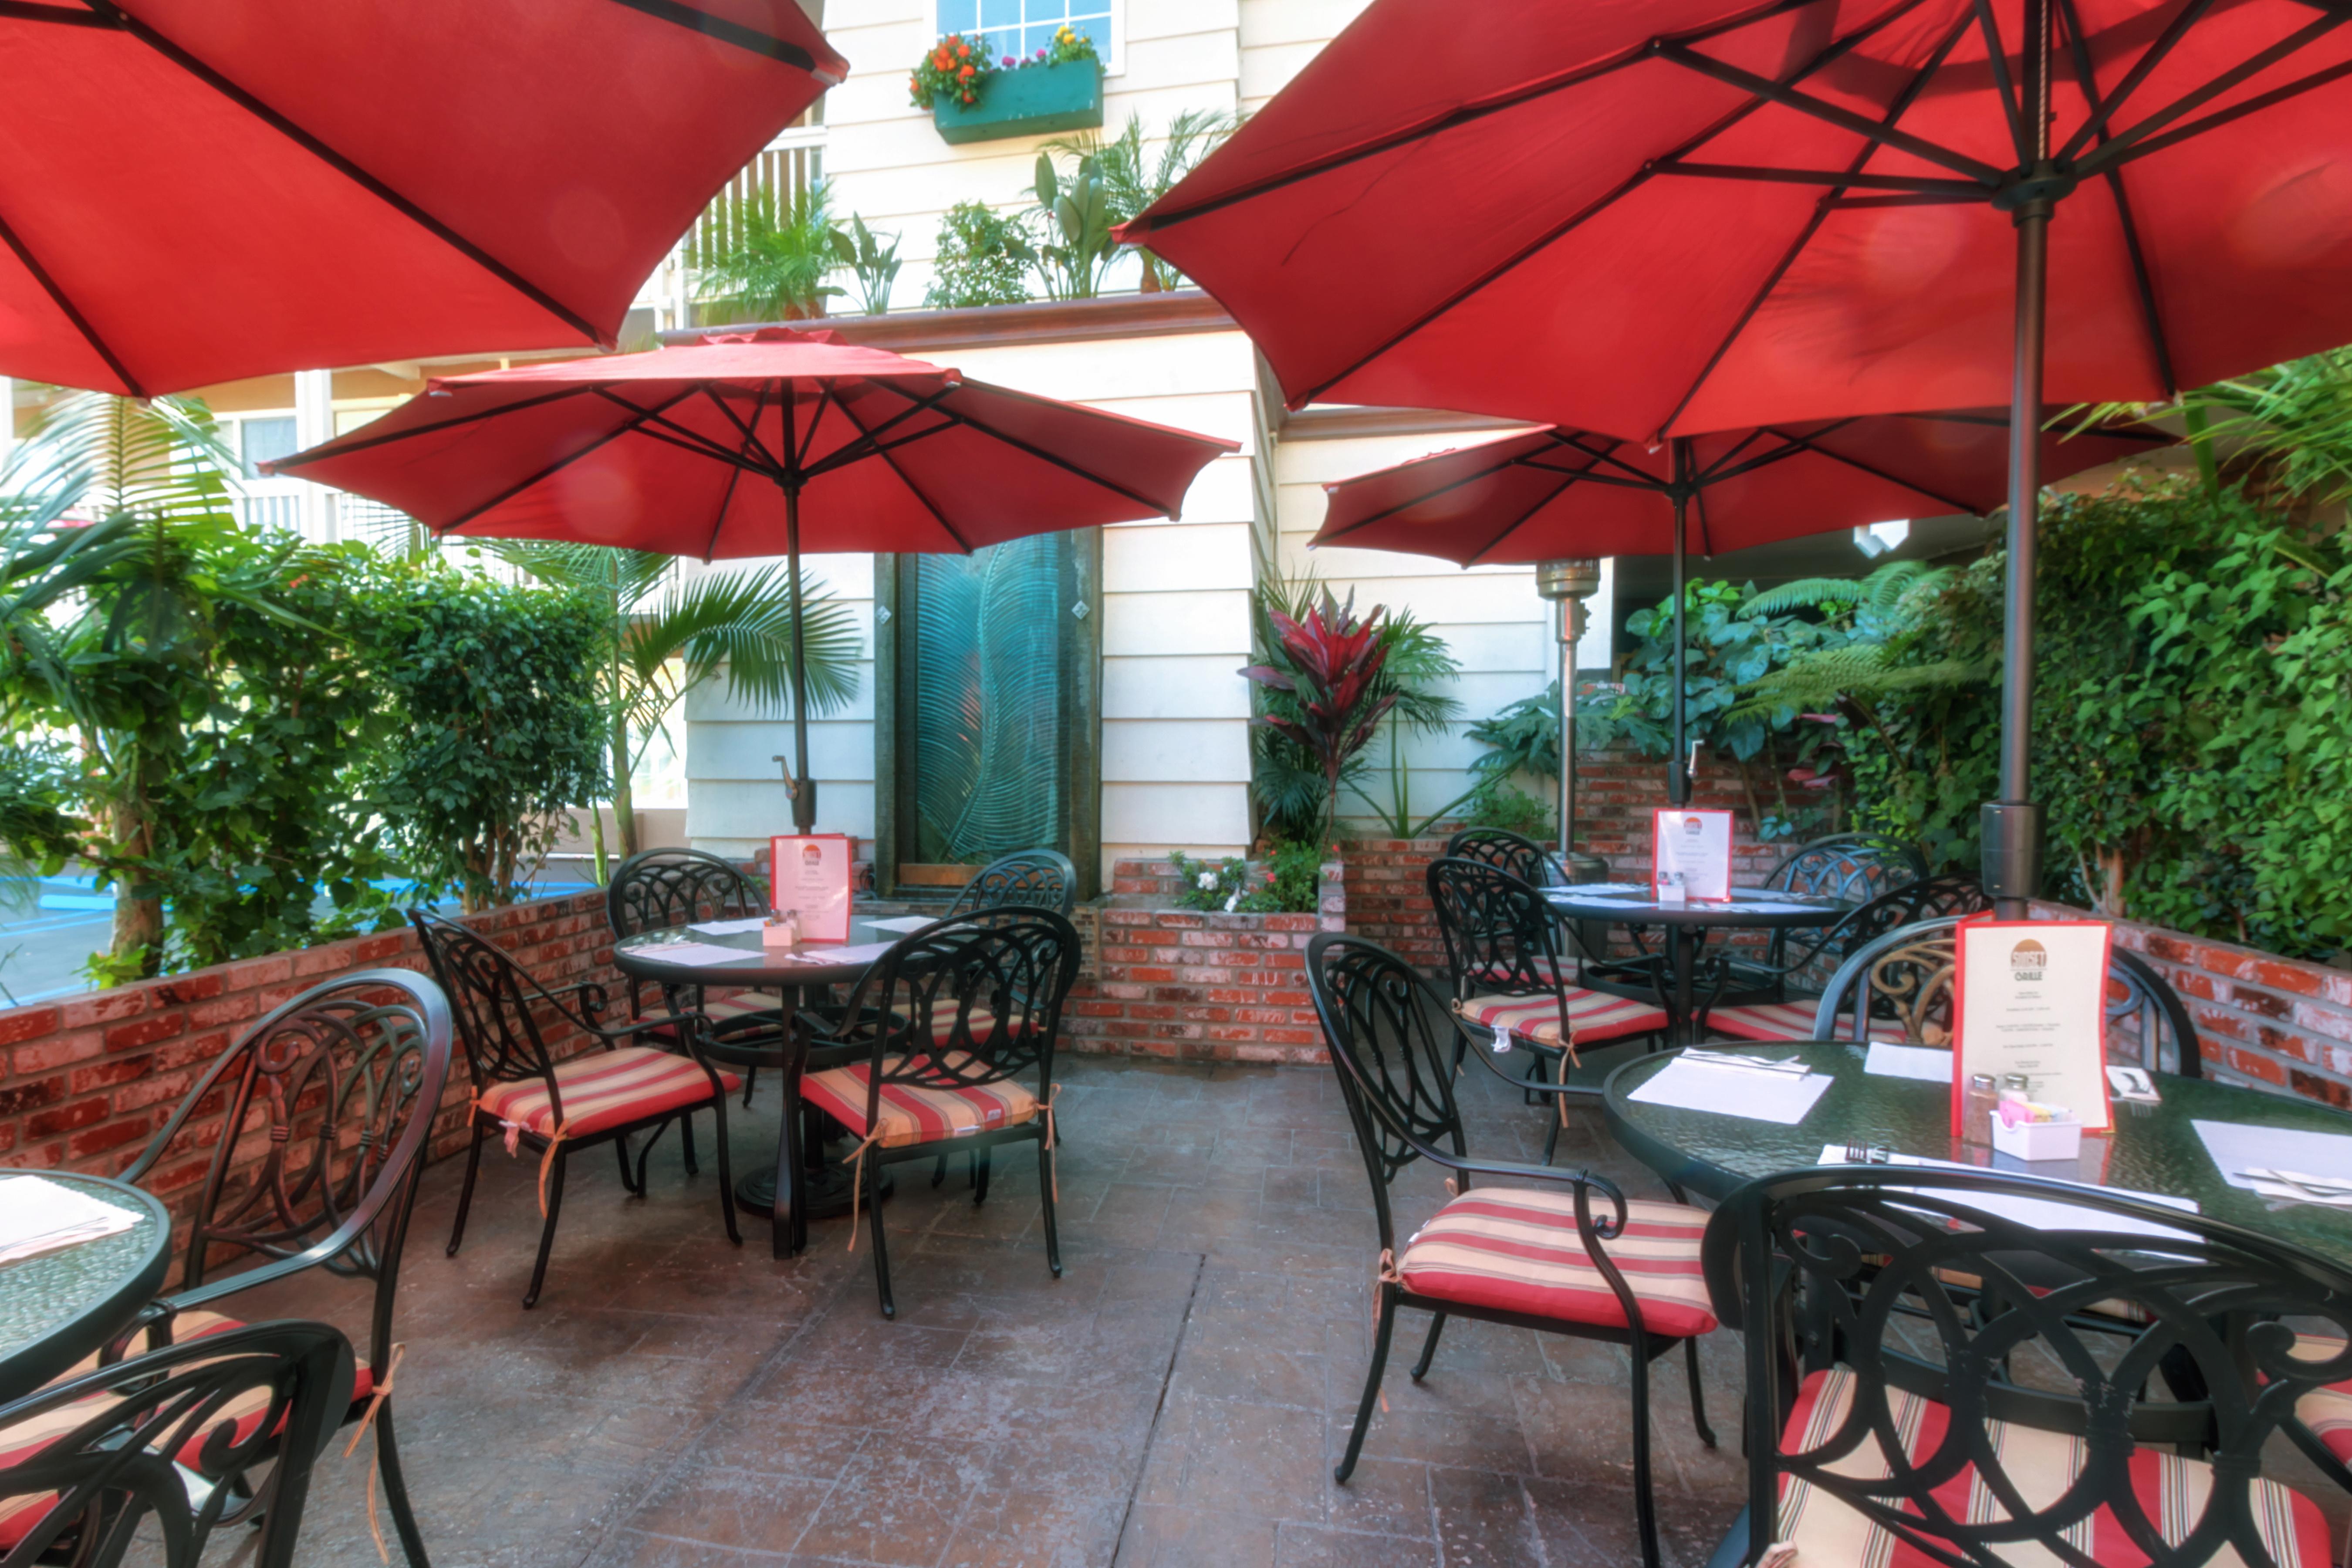 Restaurant in Costa Mesa Newport Beach California